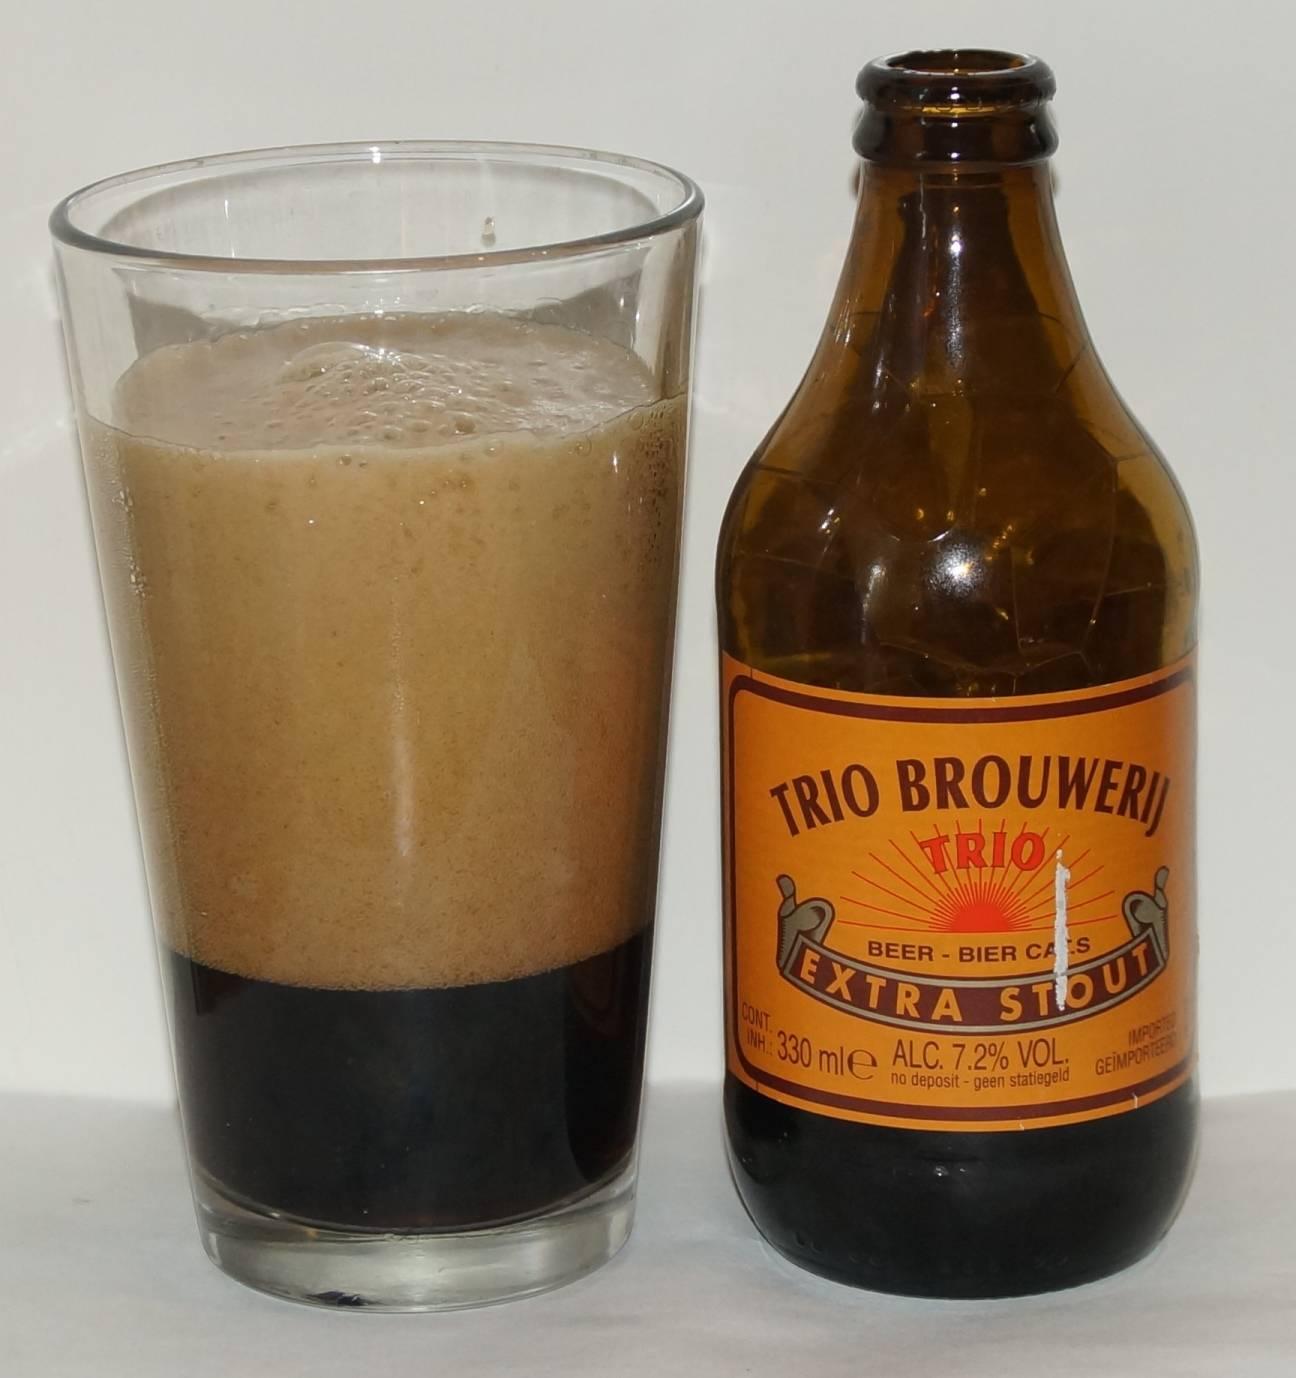 Пиво голландия (hollandia): история и описание марки